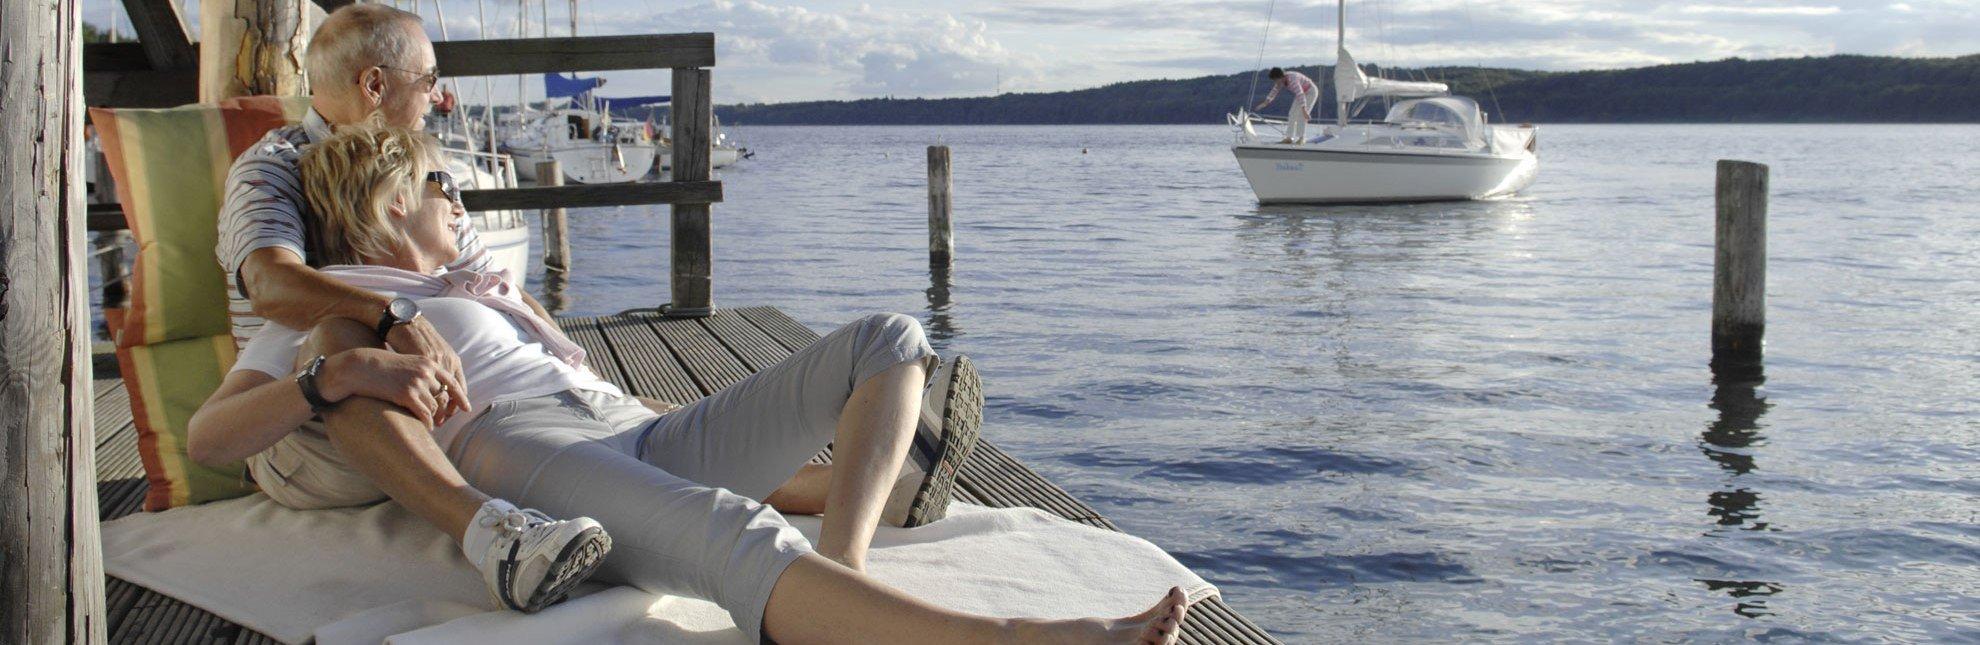 Entspannt am Ratzeburger See den Segelbooten zu schauen., © photocompany GmbH